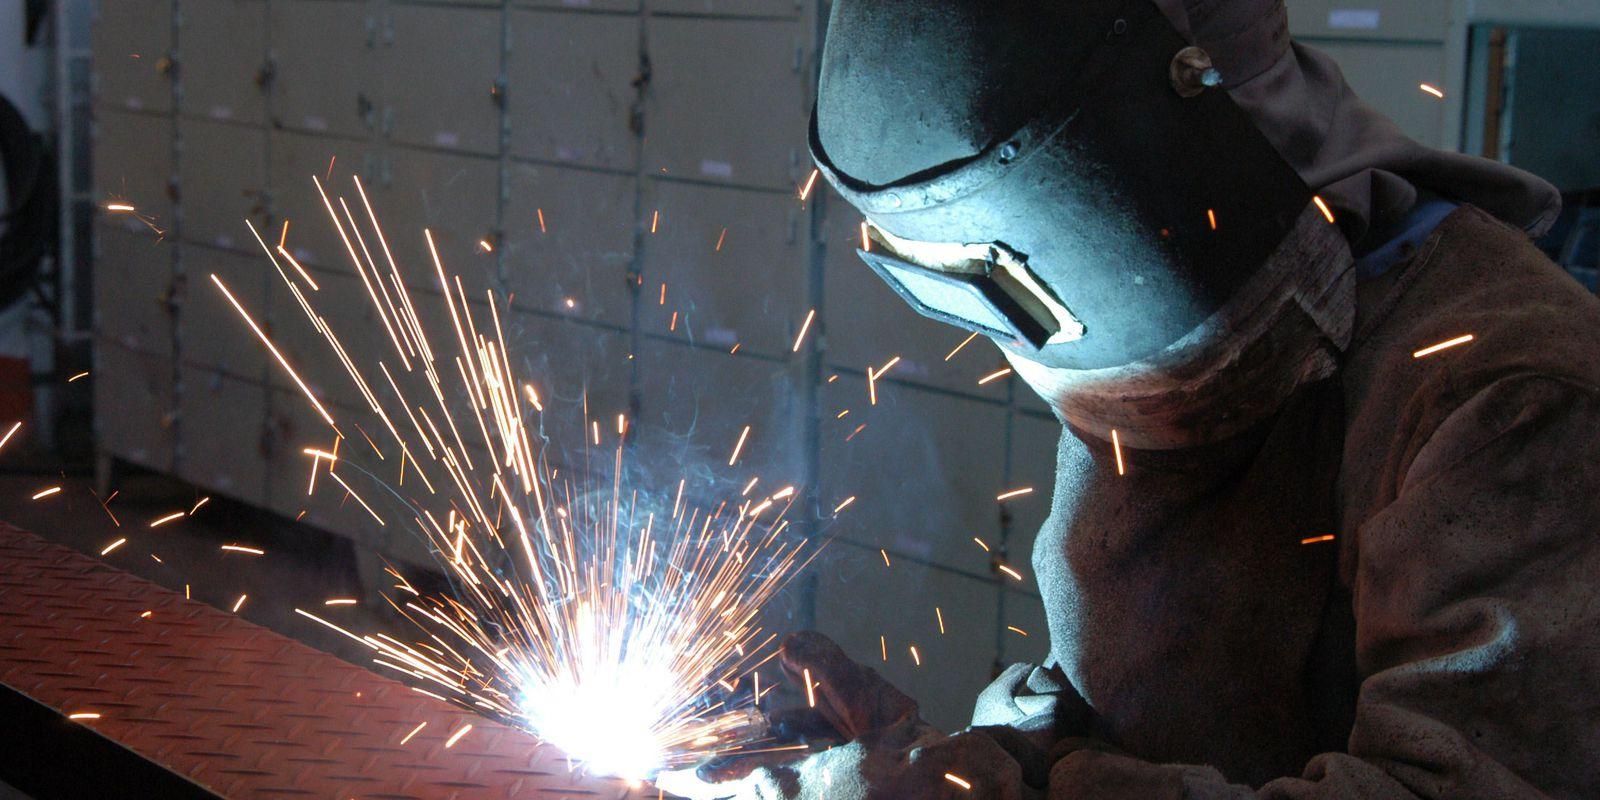 fotos de indústrias,Empresa RANDON. Fabricação de semi-reboque tanque de combustível. Caxias do Sul 24.04.2006 - Foto Miguel Angelo